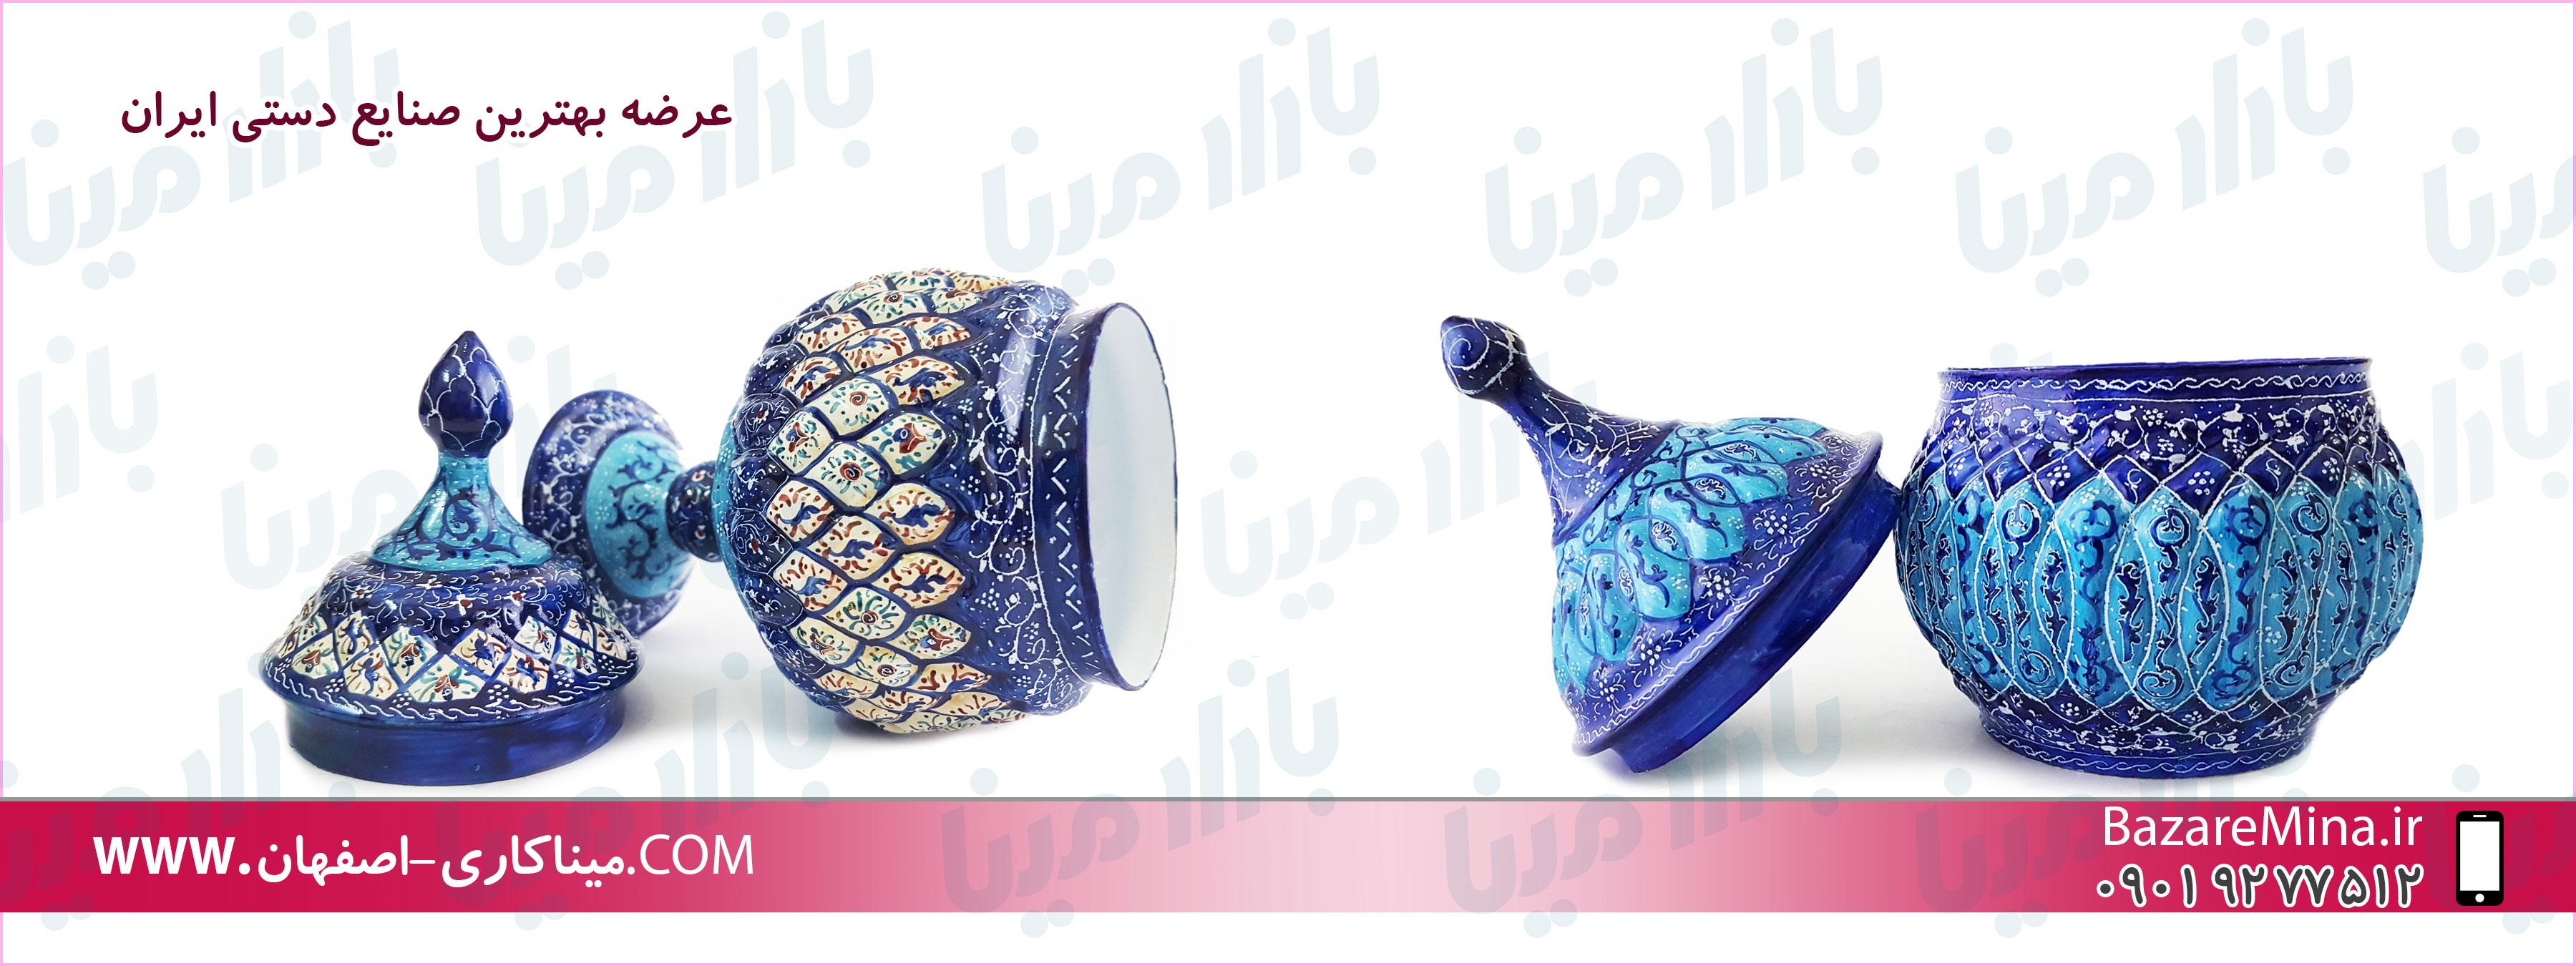 میناکاری سنتی اصفهان